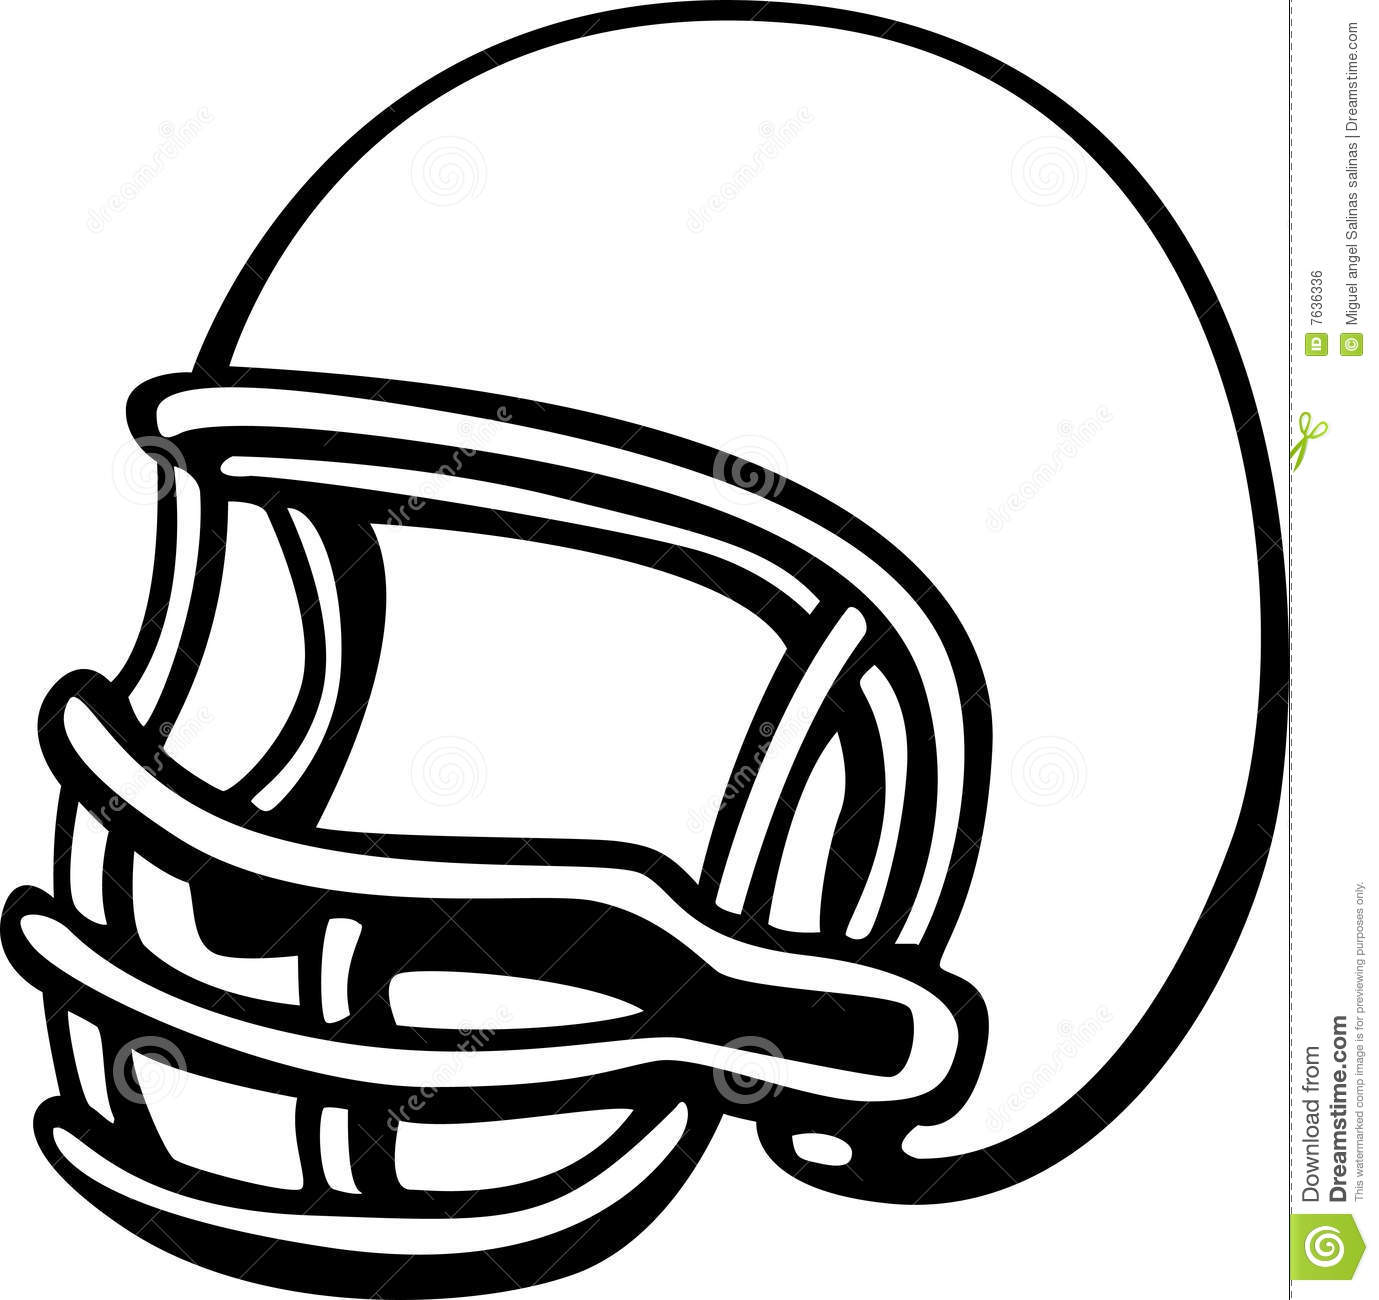 Football clipart helmet download Football Helmet Clip Art Front | Clipart Panda - Free Clipart Images download